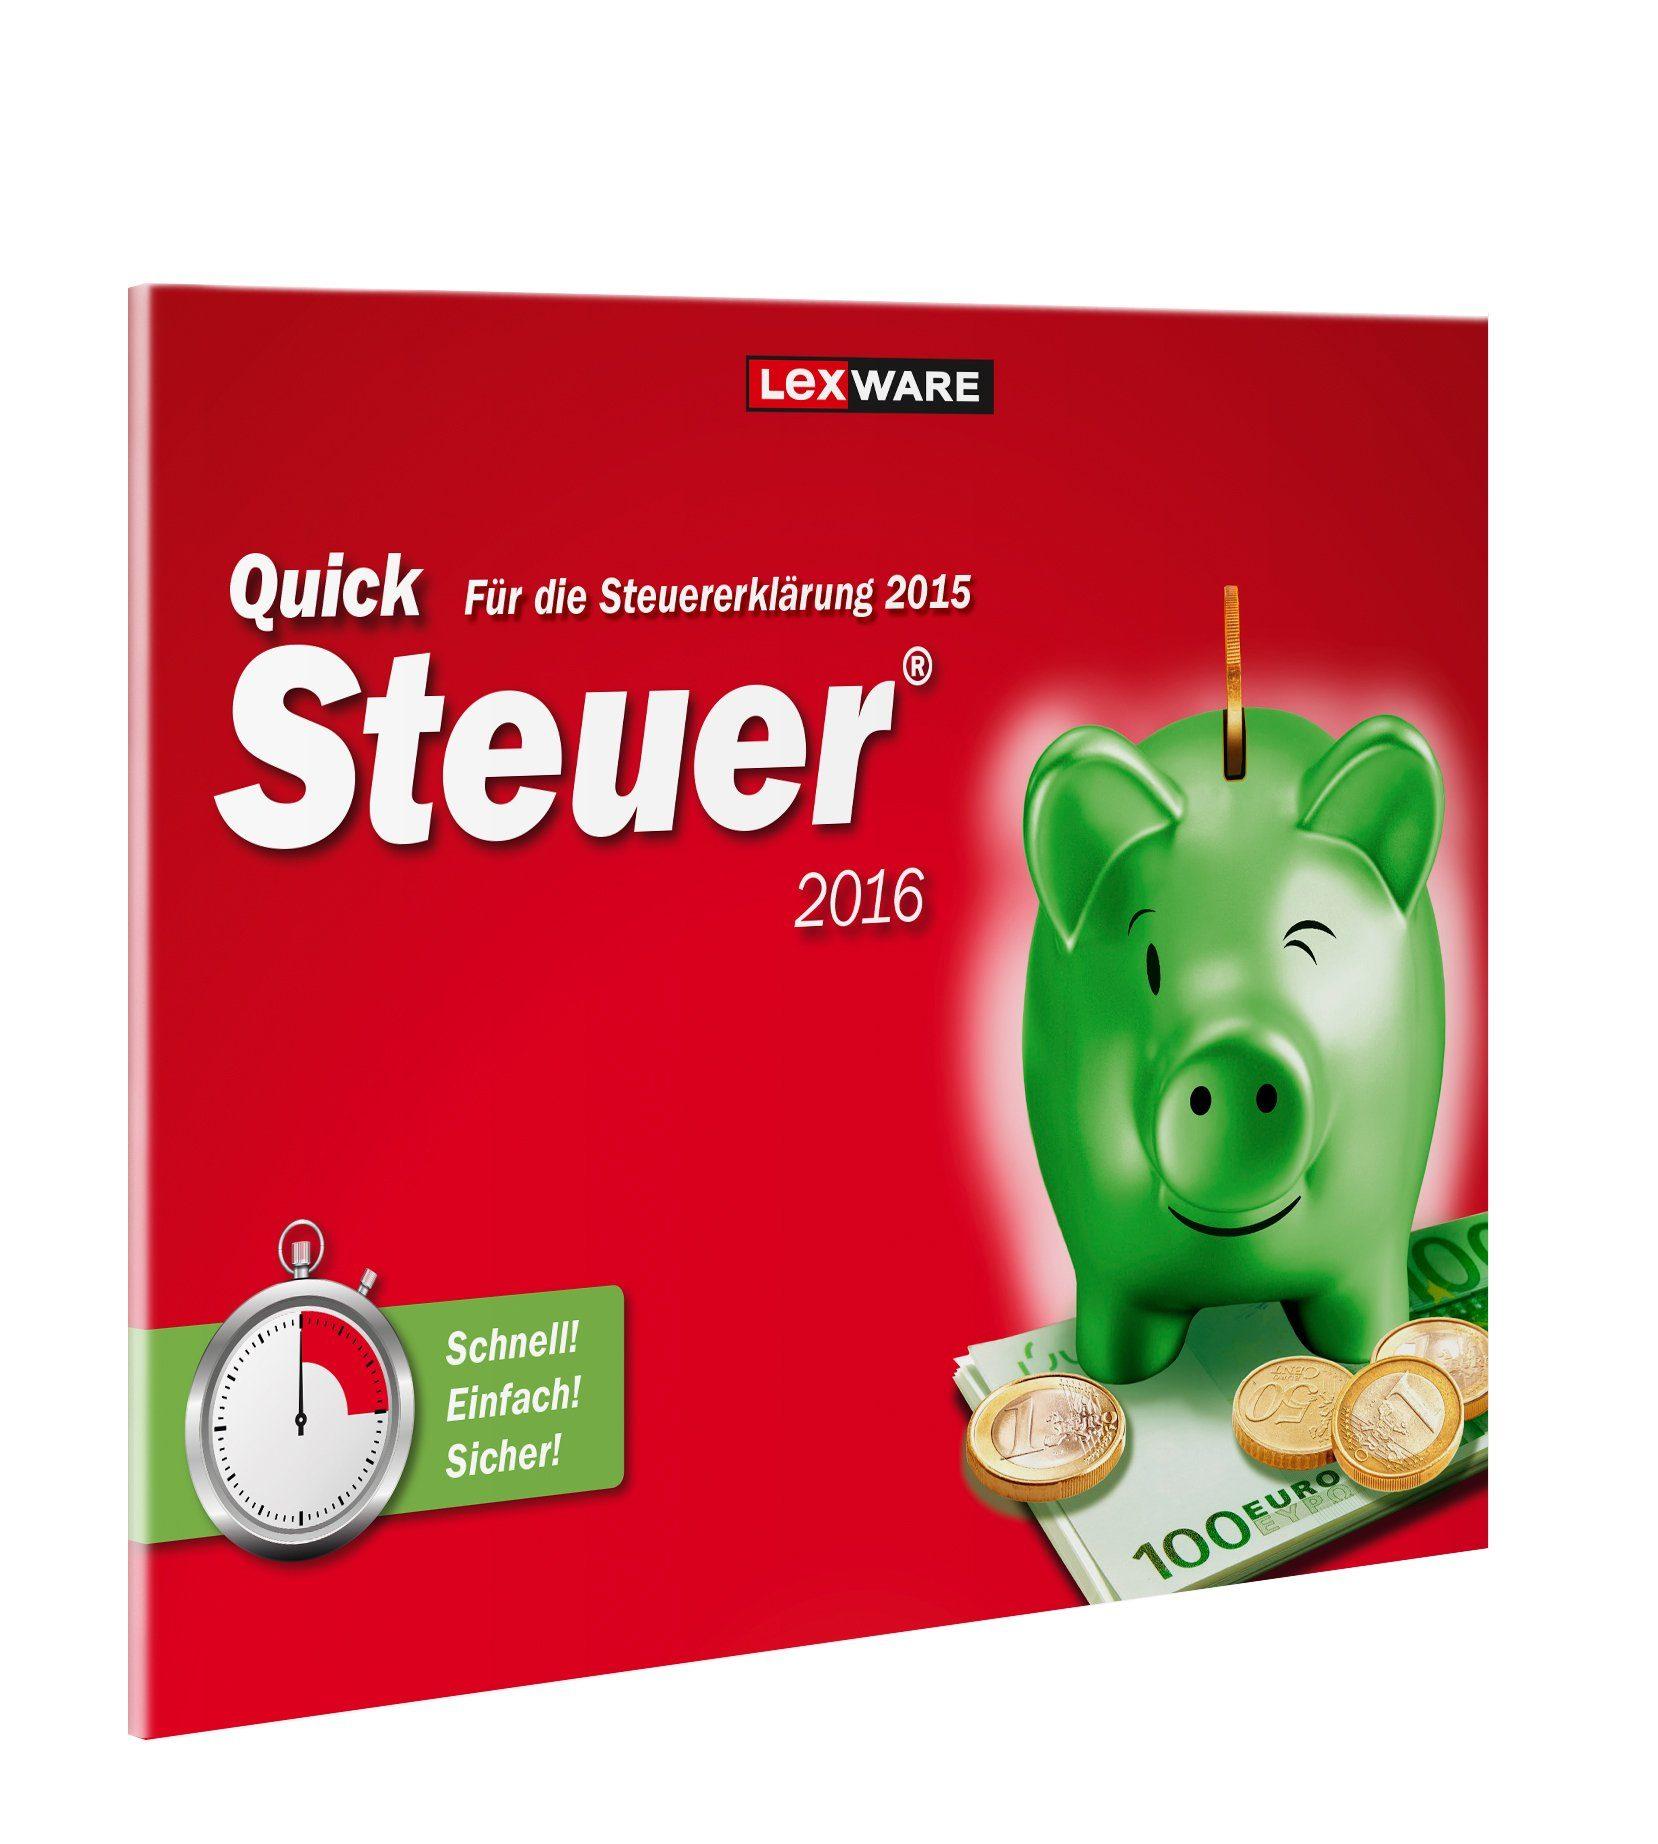 Lexware Finanzen/Steuer »Quicksteuer 2016 Frustfreie Verpackung«